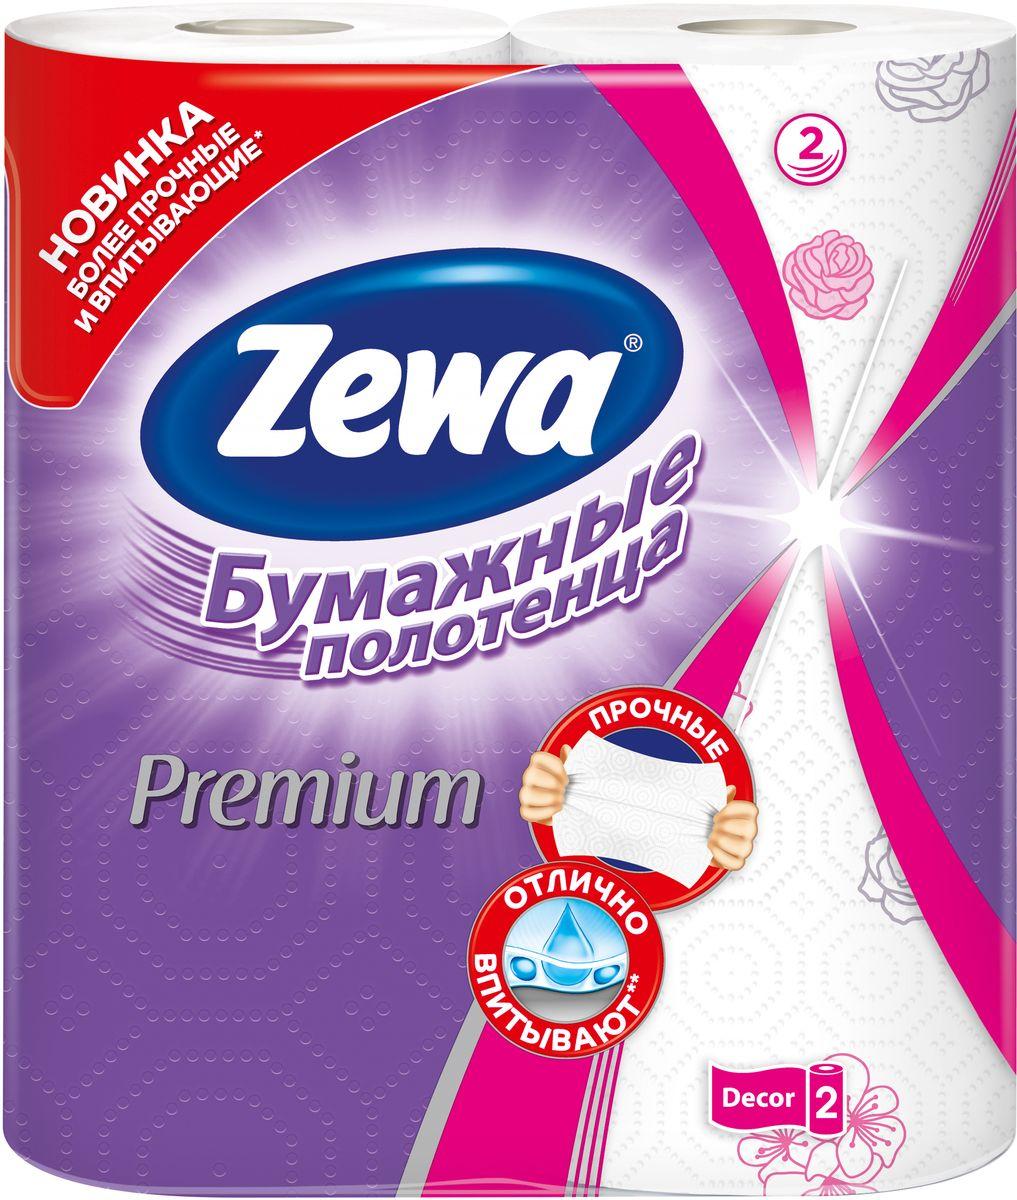 Бумажные полотенца Zewa Premium Decor, 2 рулона787502Белые 2-х слойные бумажные полотенца улучшенного качества с цветным рисунком2 рулона в упаковкеСостав: целлюлозаПроизводство: Россия